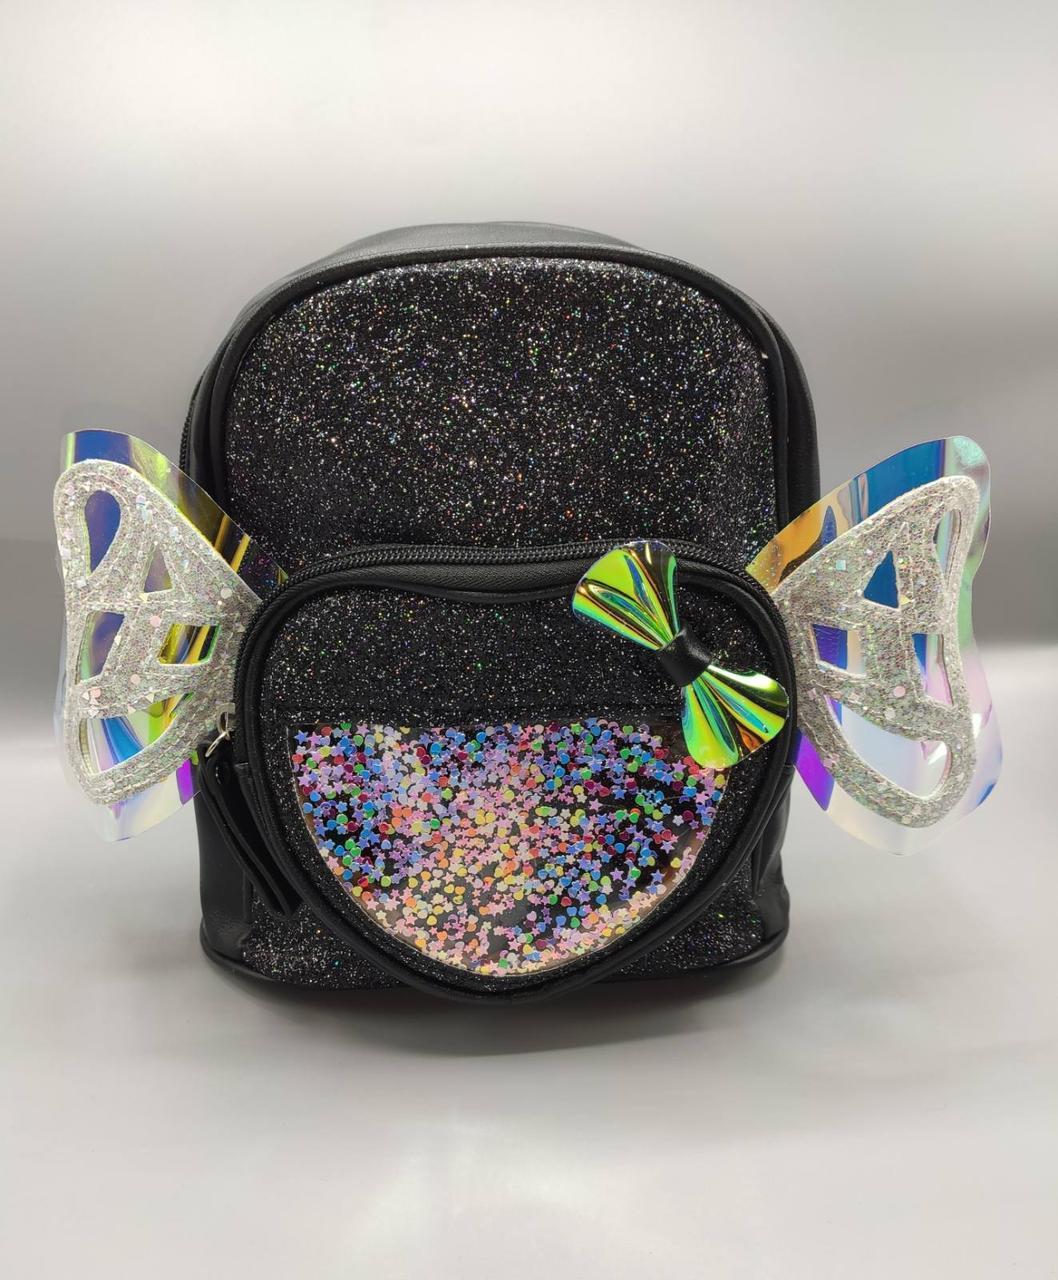 Дитячий рюкзак з крилами 4 кольори - чорний